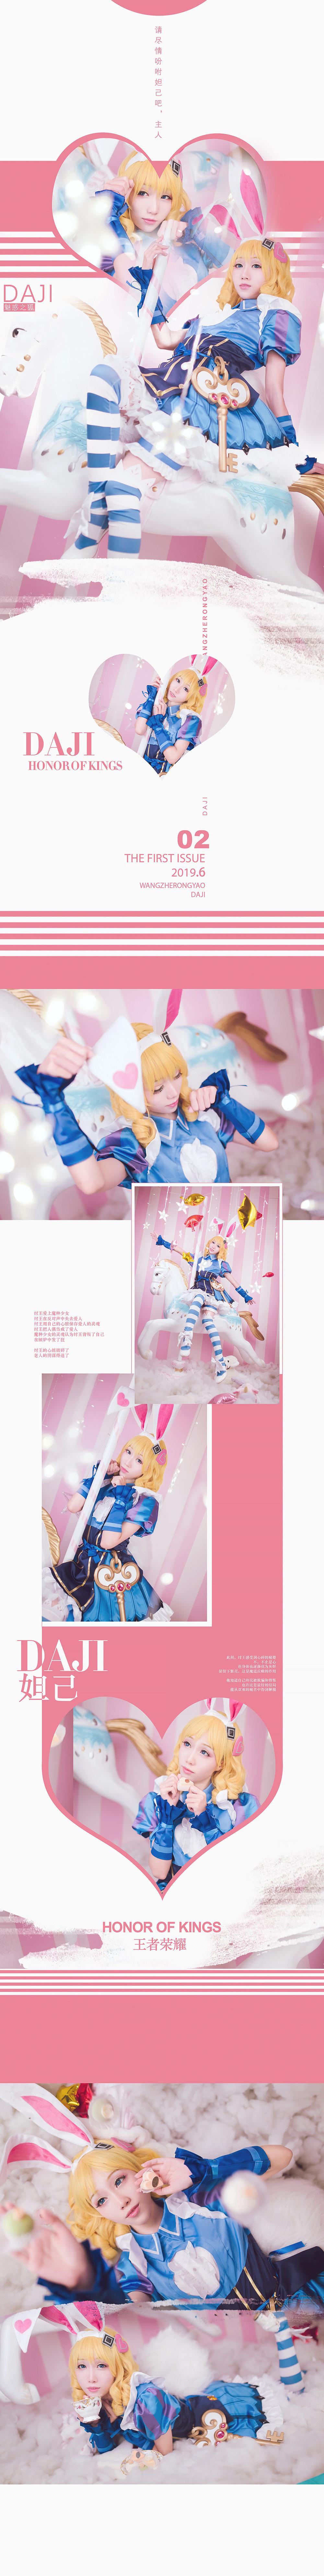 《王者榮耀》妲己仙境愛麗絲裝扮 歡迎來到Wonderland! 1